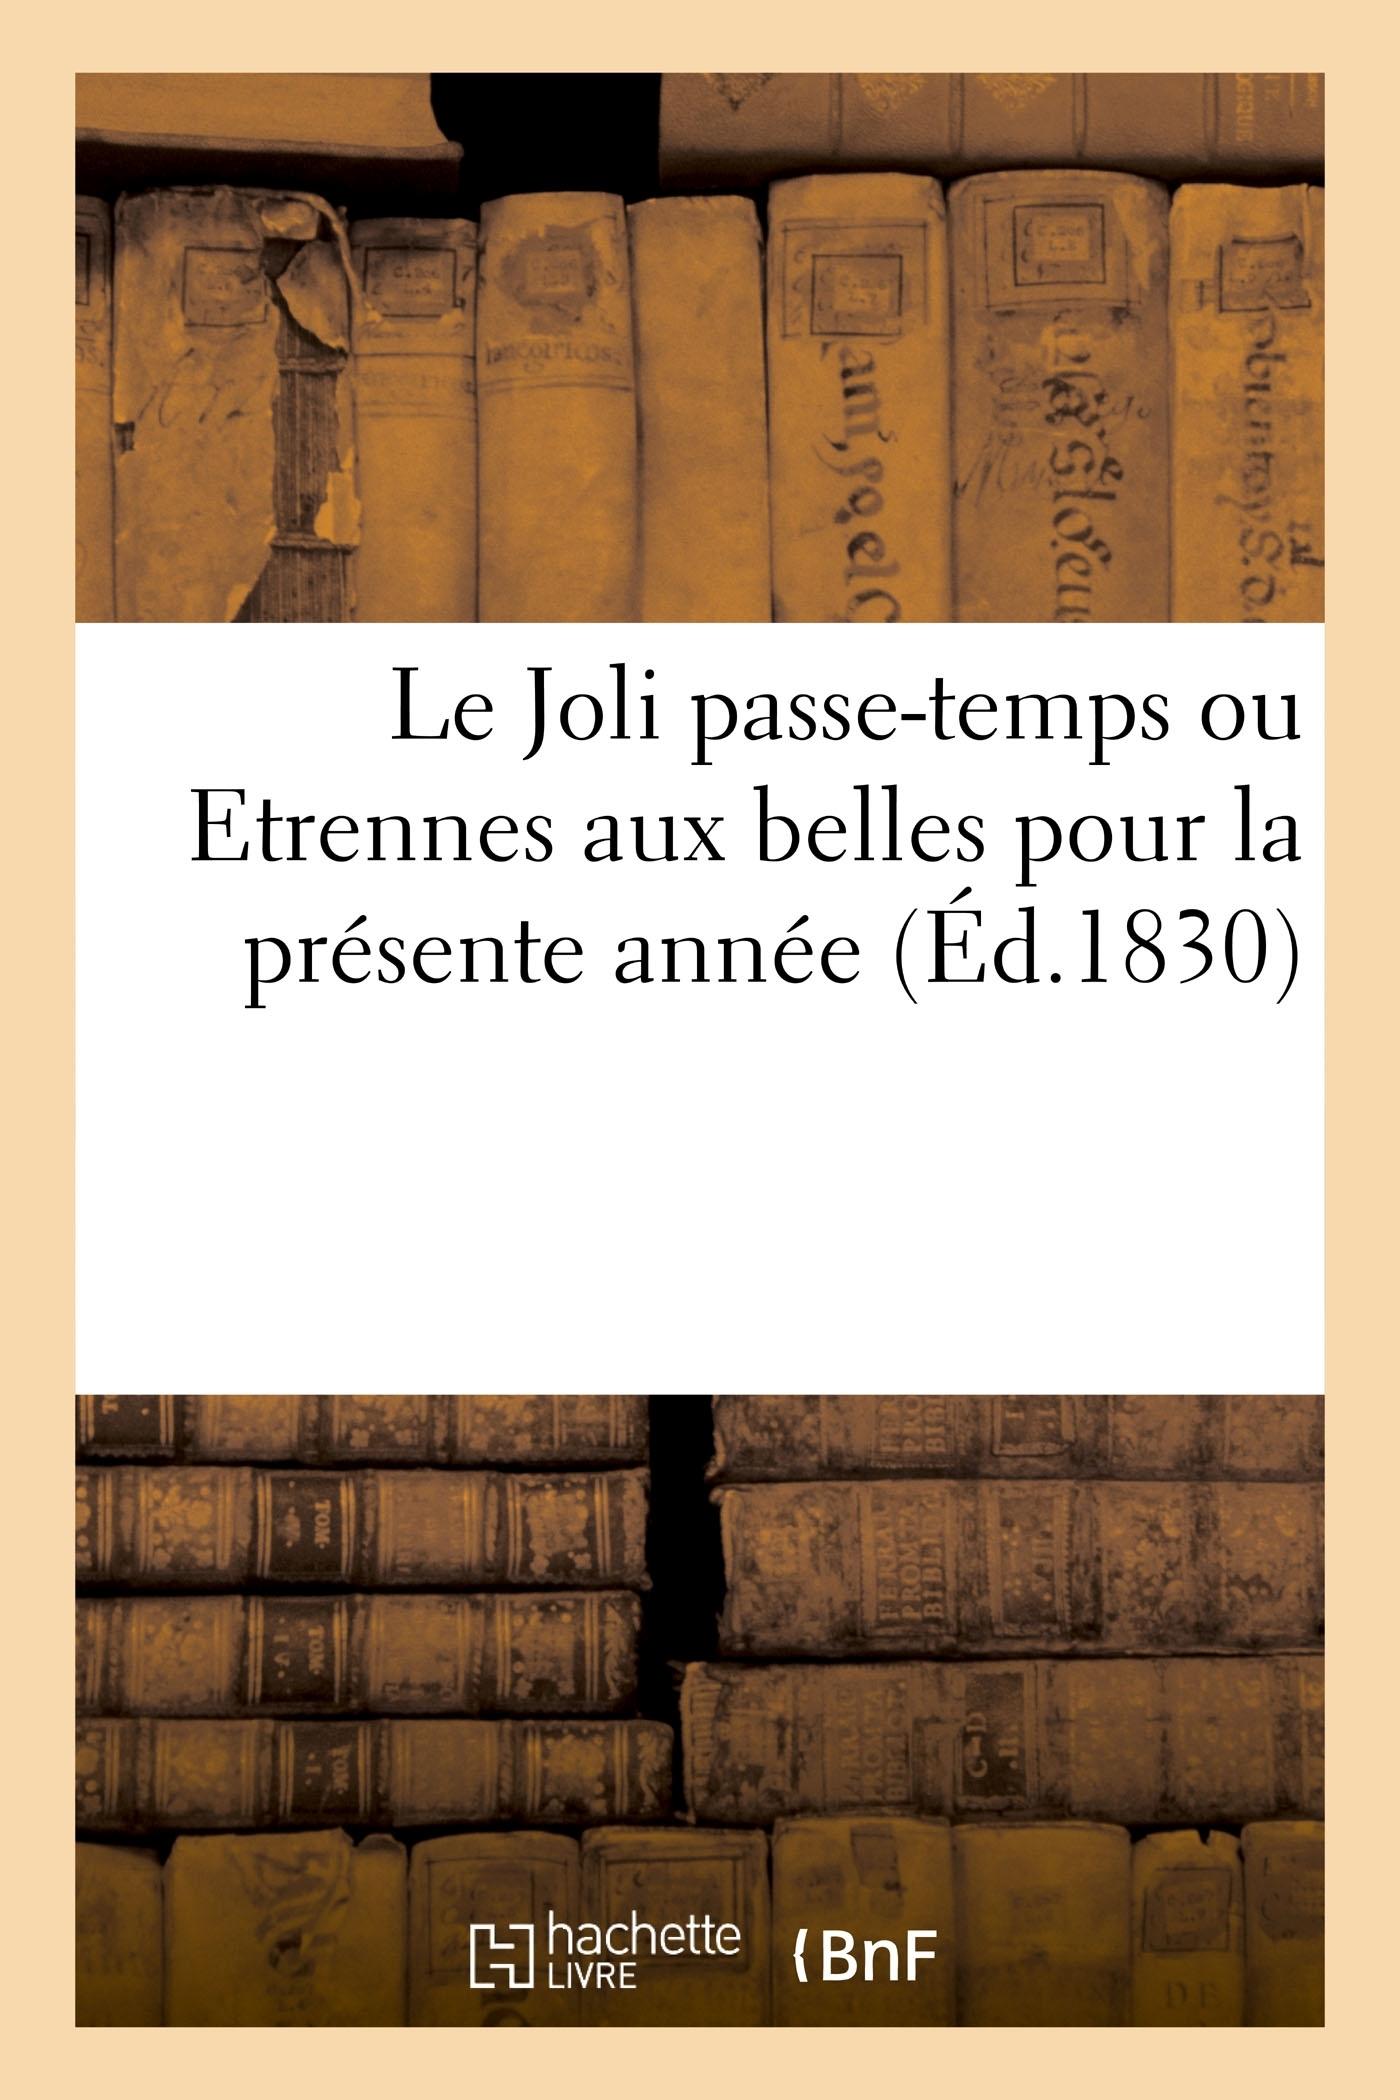 LE JOLI PASSE-TEMPS OU ETRENNES AUX BELLES POUR LA PRESENTE ANNEE